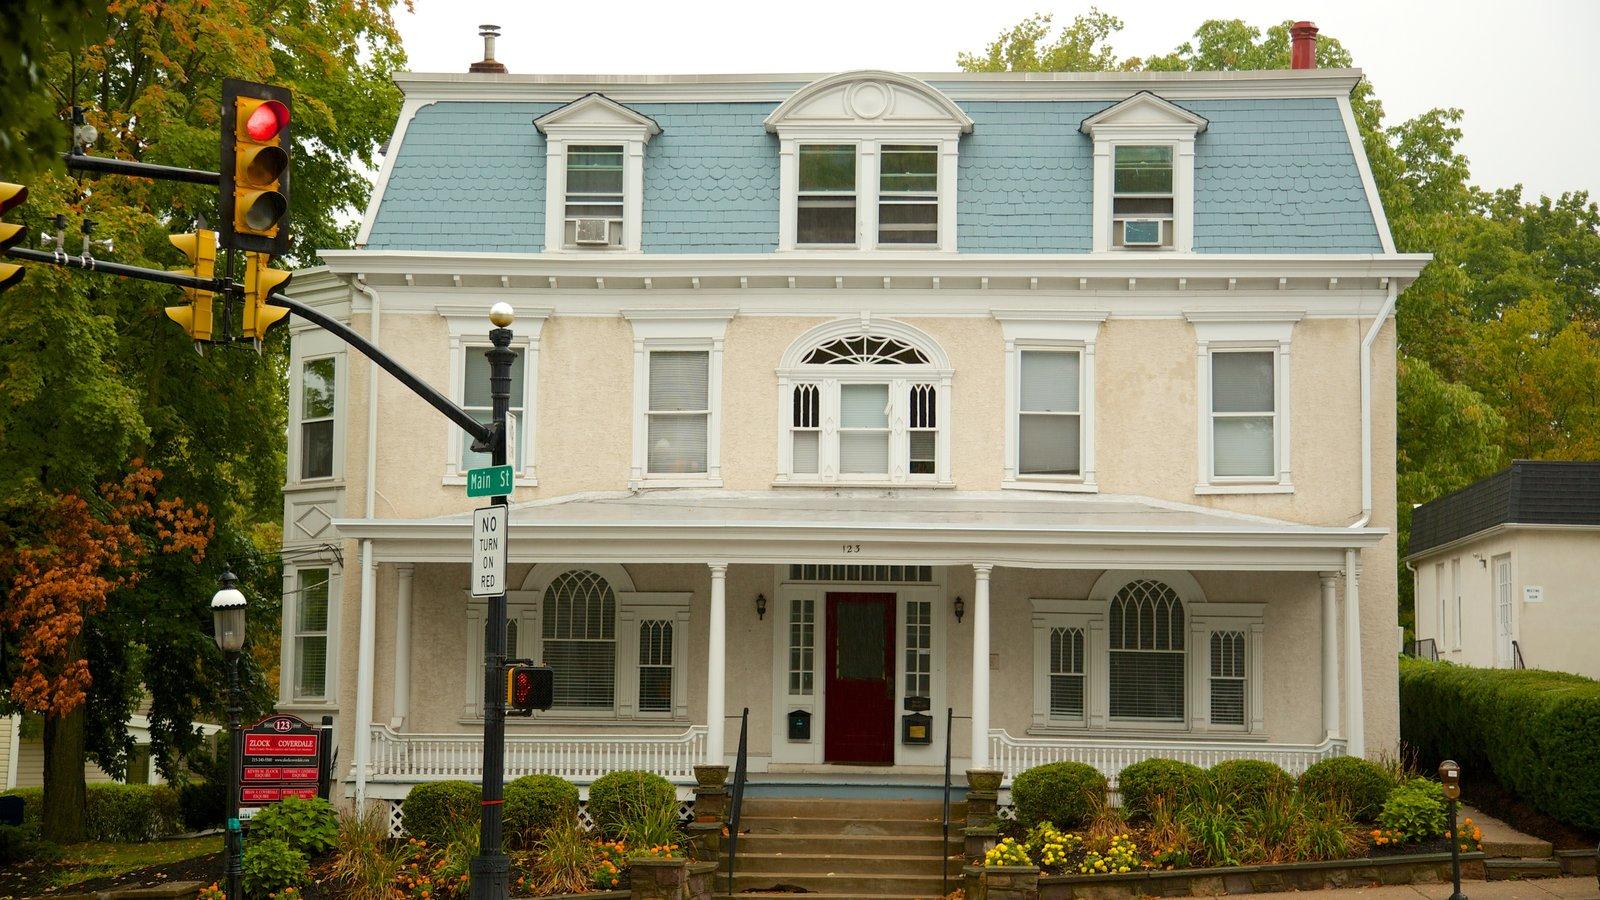 Doylestown que incluye patrimonio de arquitectura y una casa